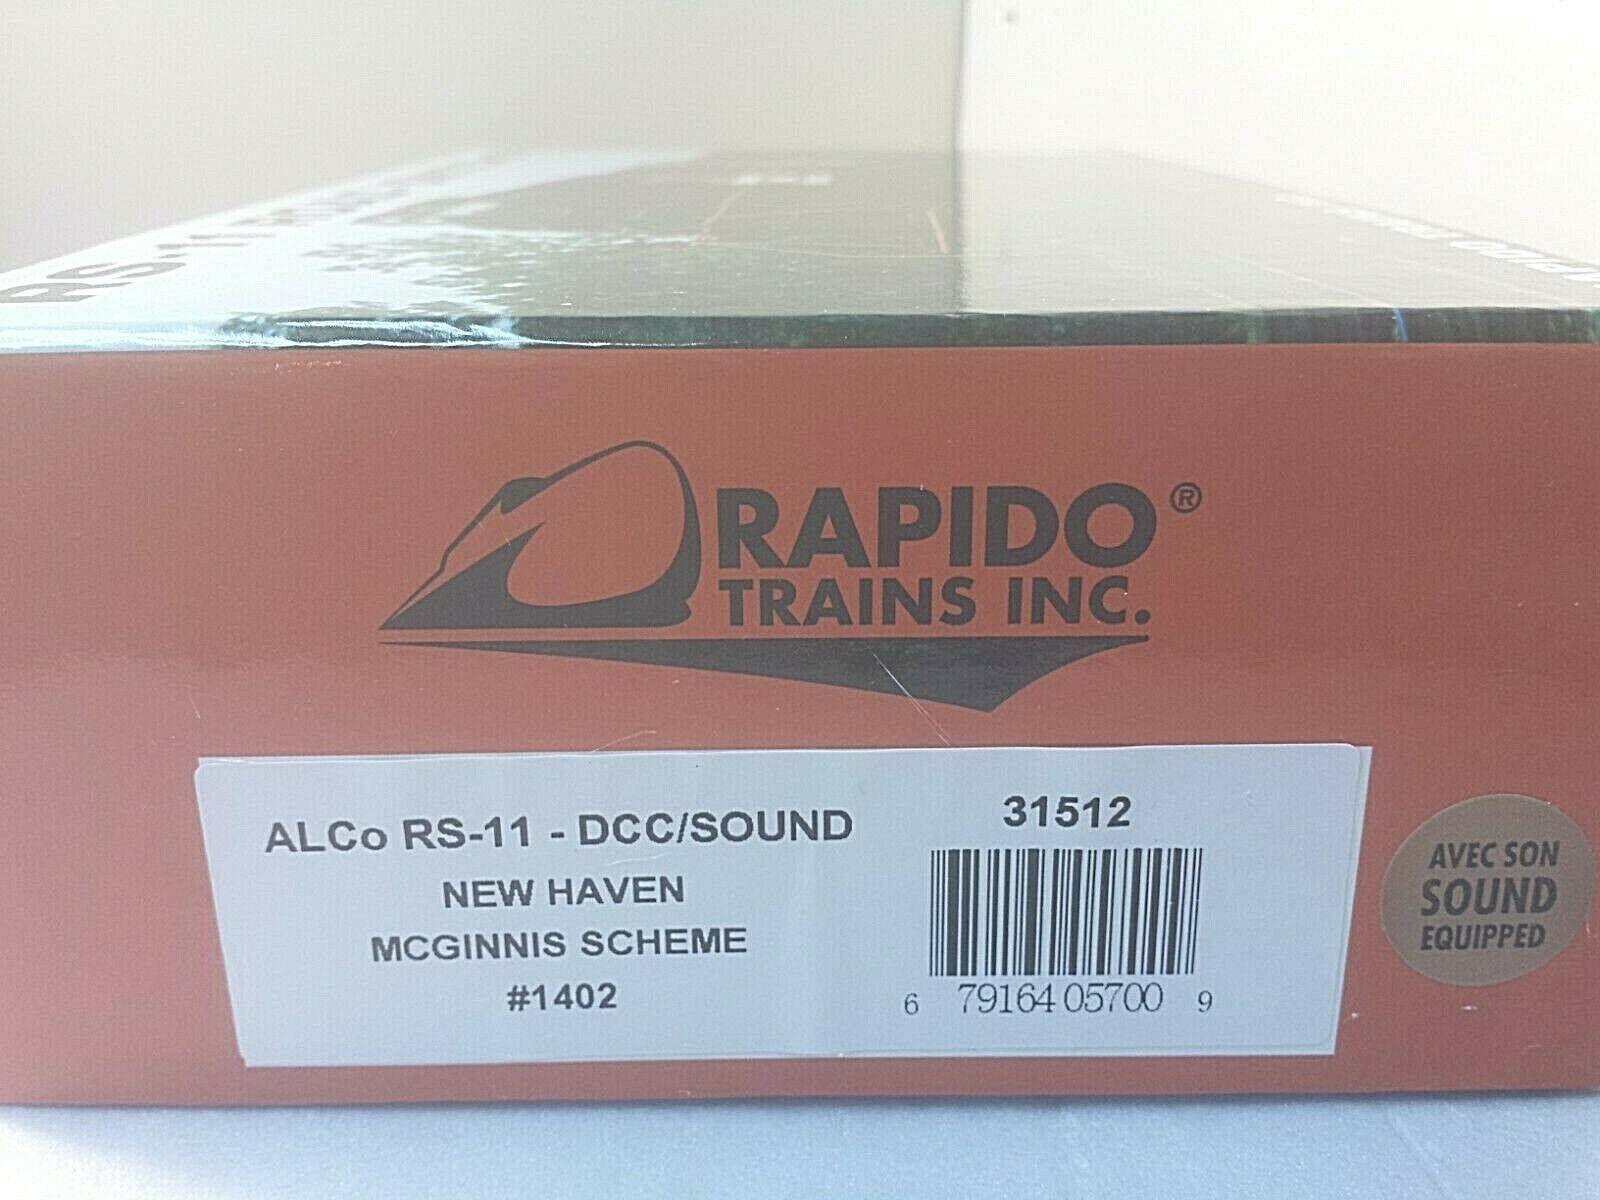 Rapido HO 031512 ALCO RS11  nuovo Haven  1402 mcginnis NUOVO DCC Loksuono &